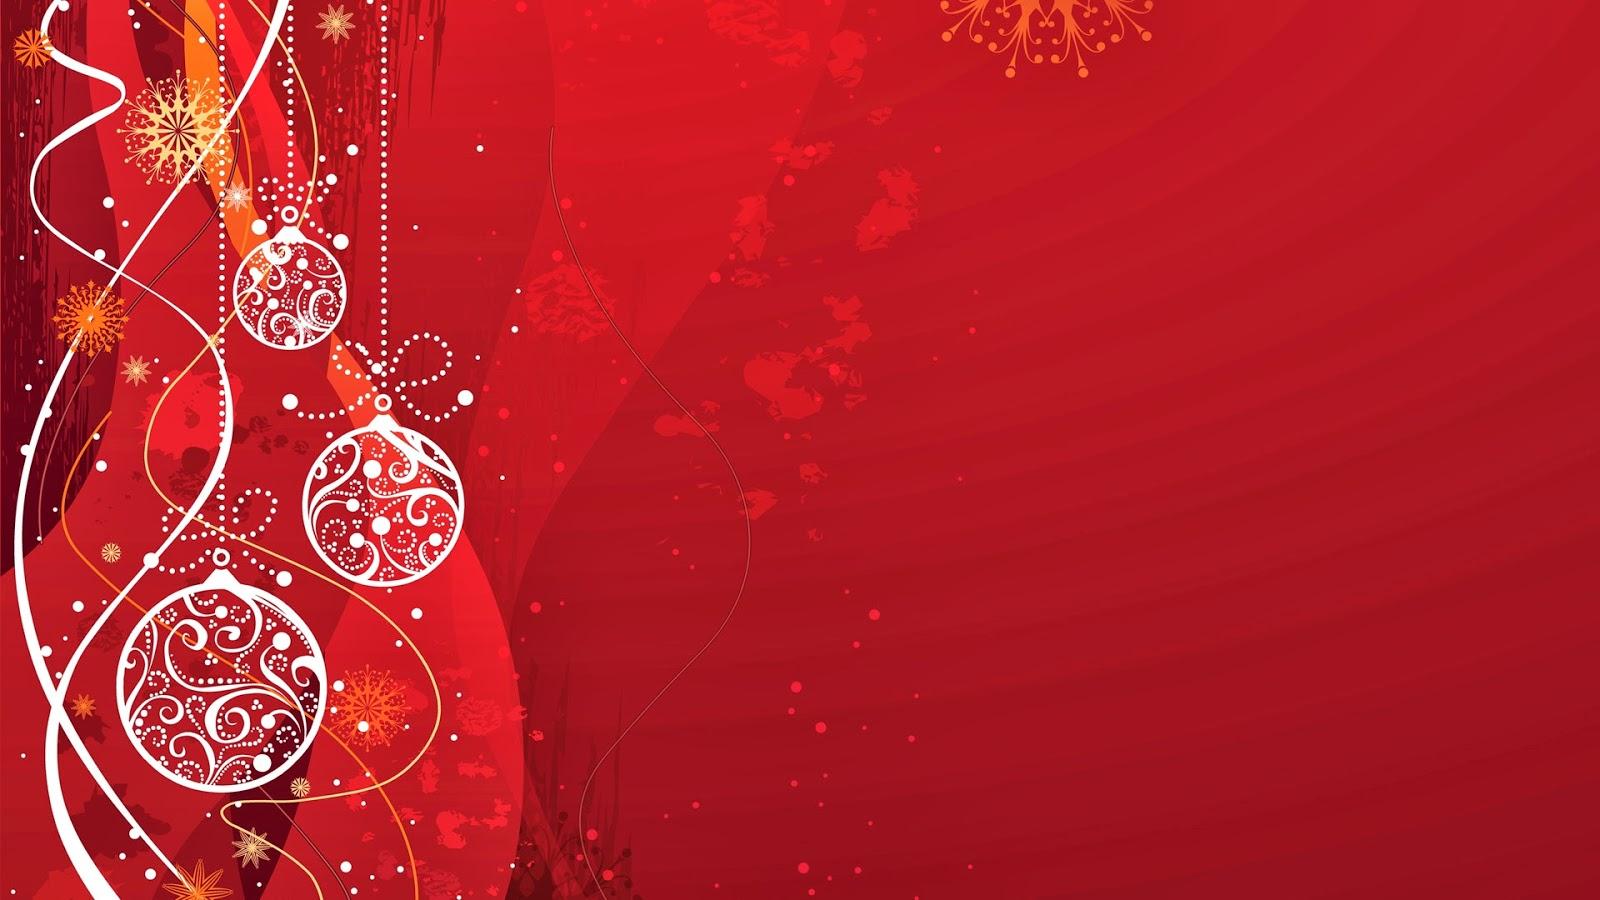 Imagenes zt descarga fondos hd fondo de pantalla - Bolas de navidad grandes ...